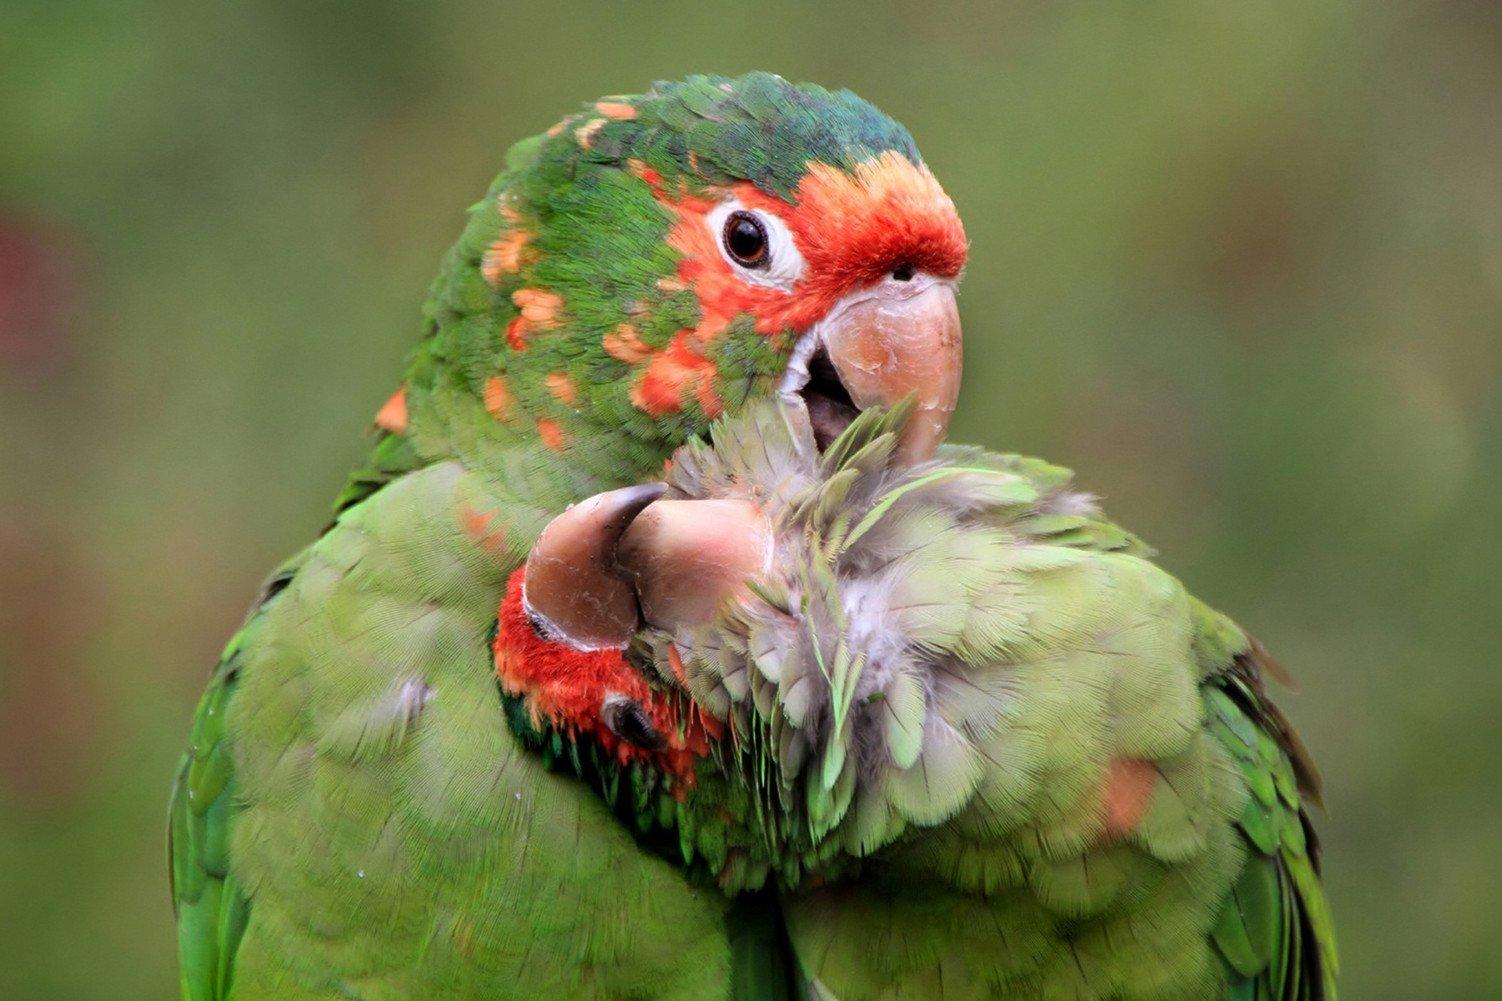 CHOIS Custom Films CF3307 Animal Parrots Birds Grass Glass Window DIY Stickers 4' W by 3' H